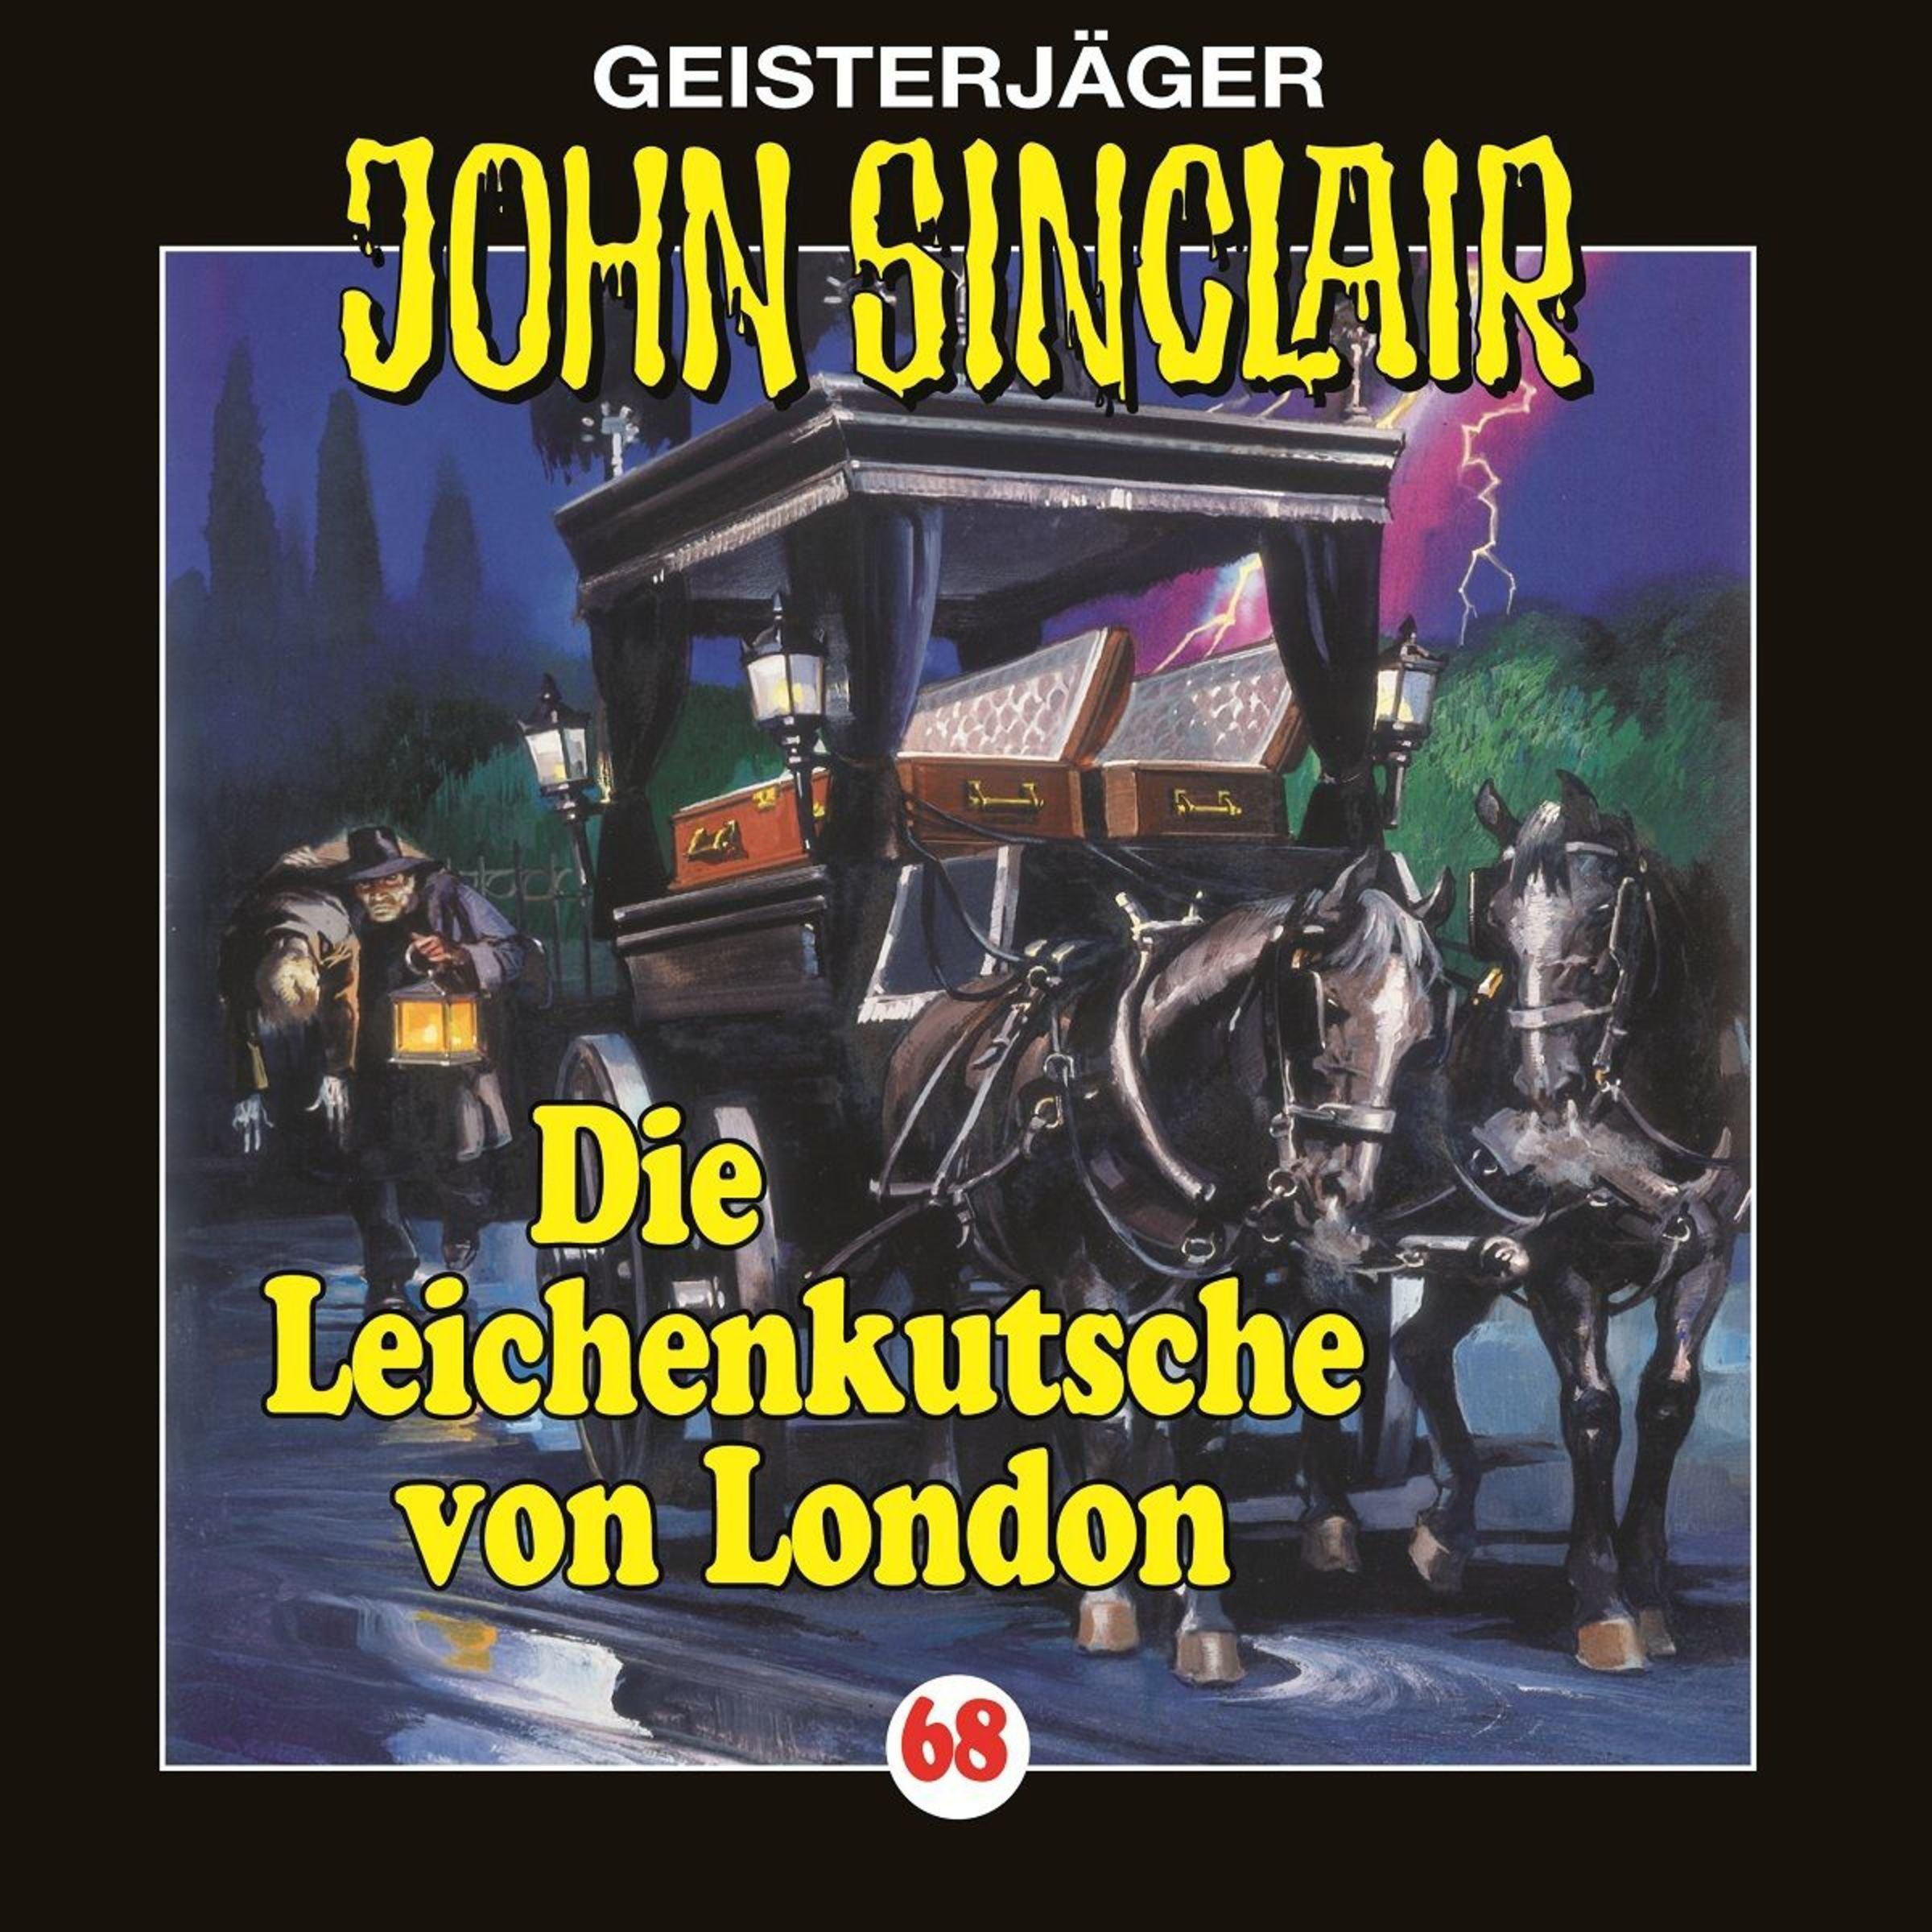 Die Leichenkutsche von London: John Sinclair 68